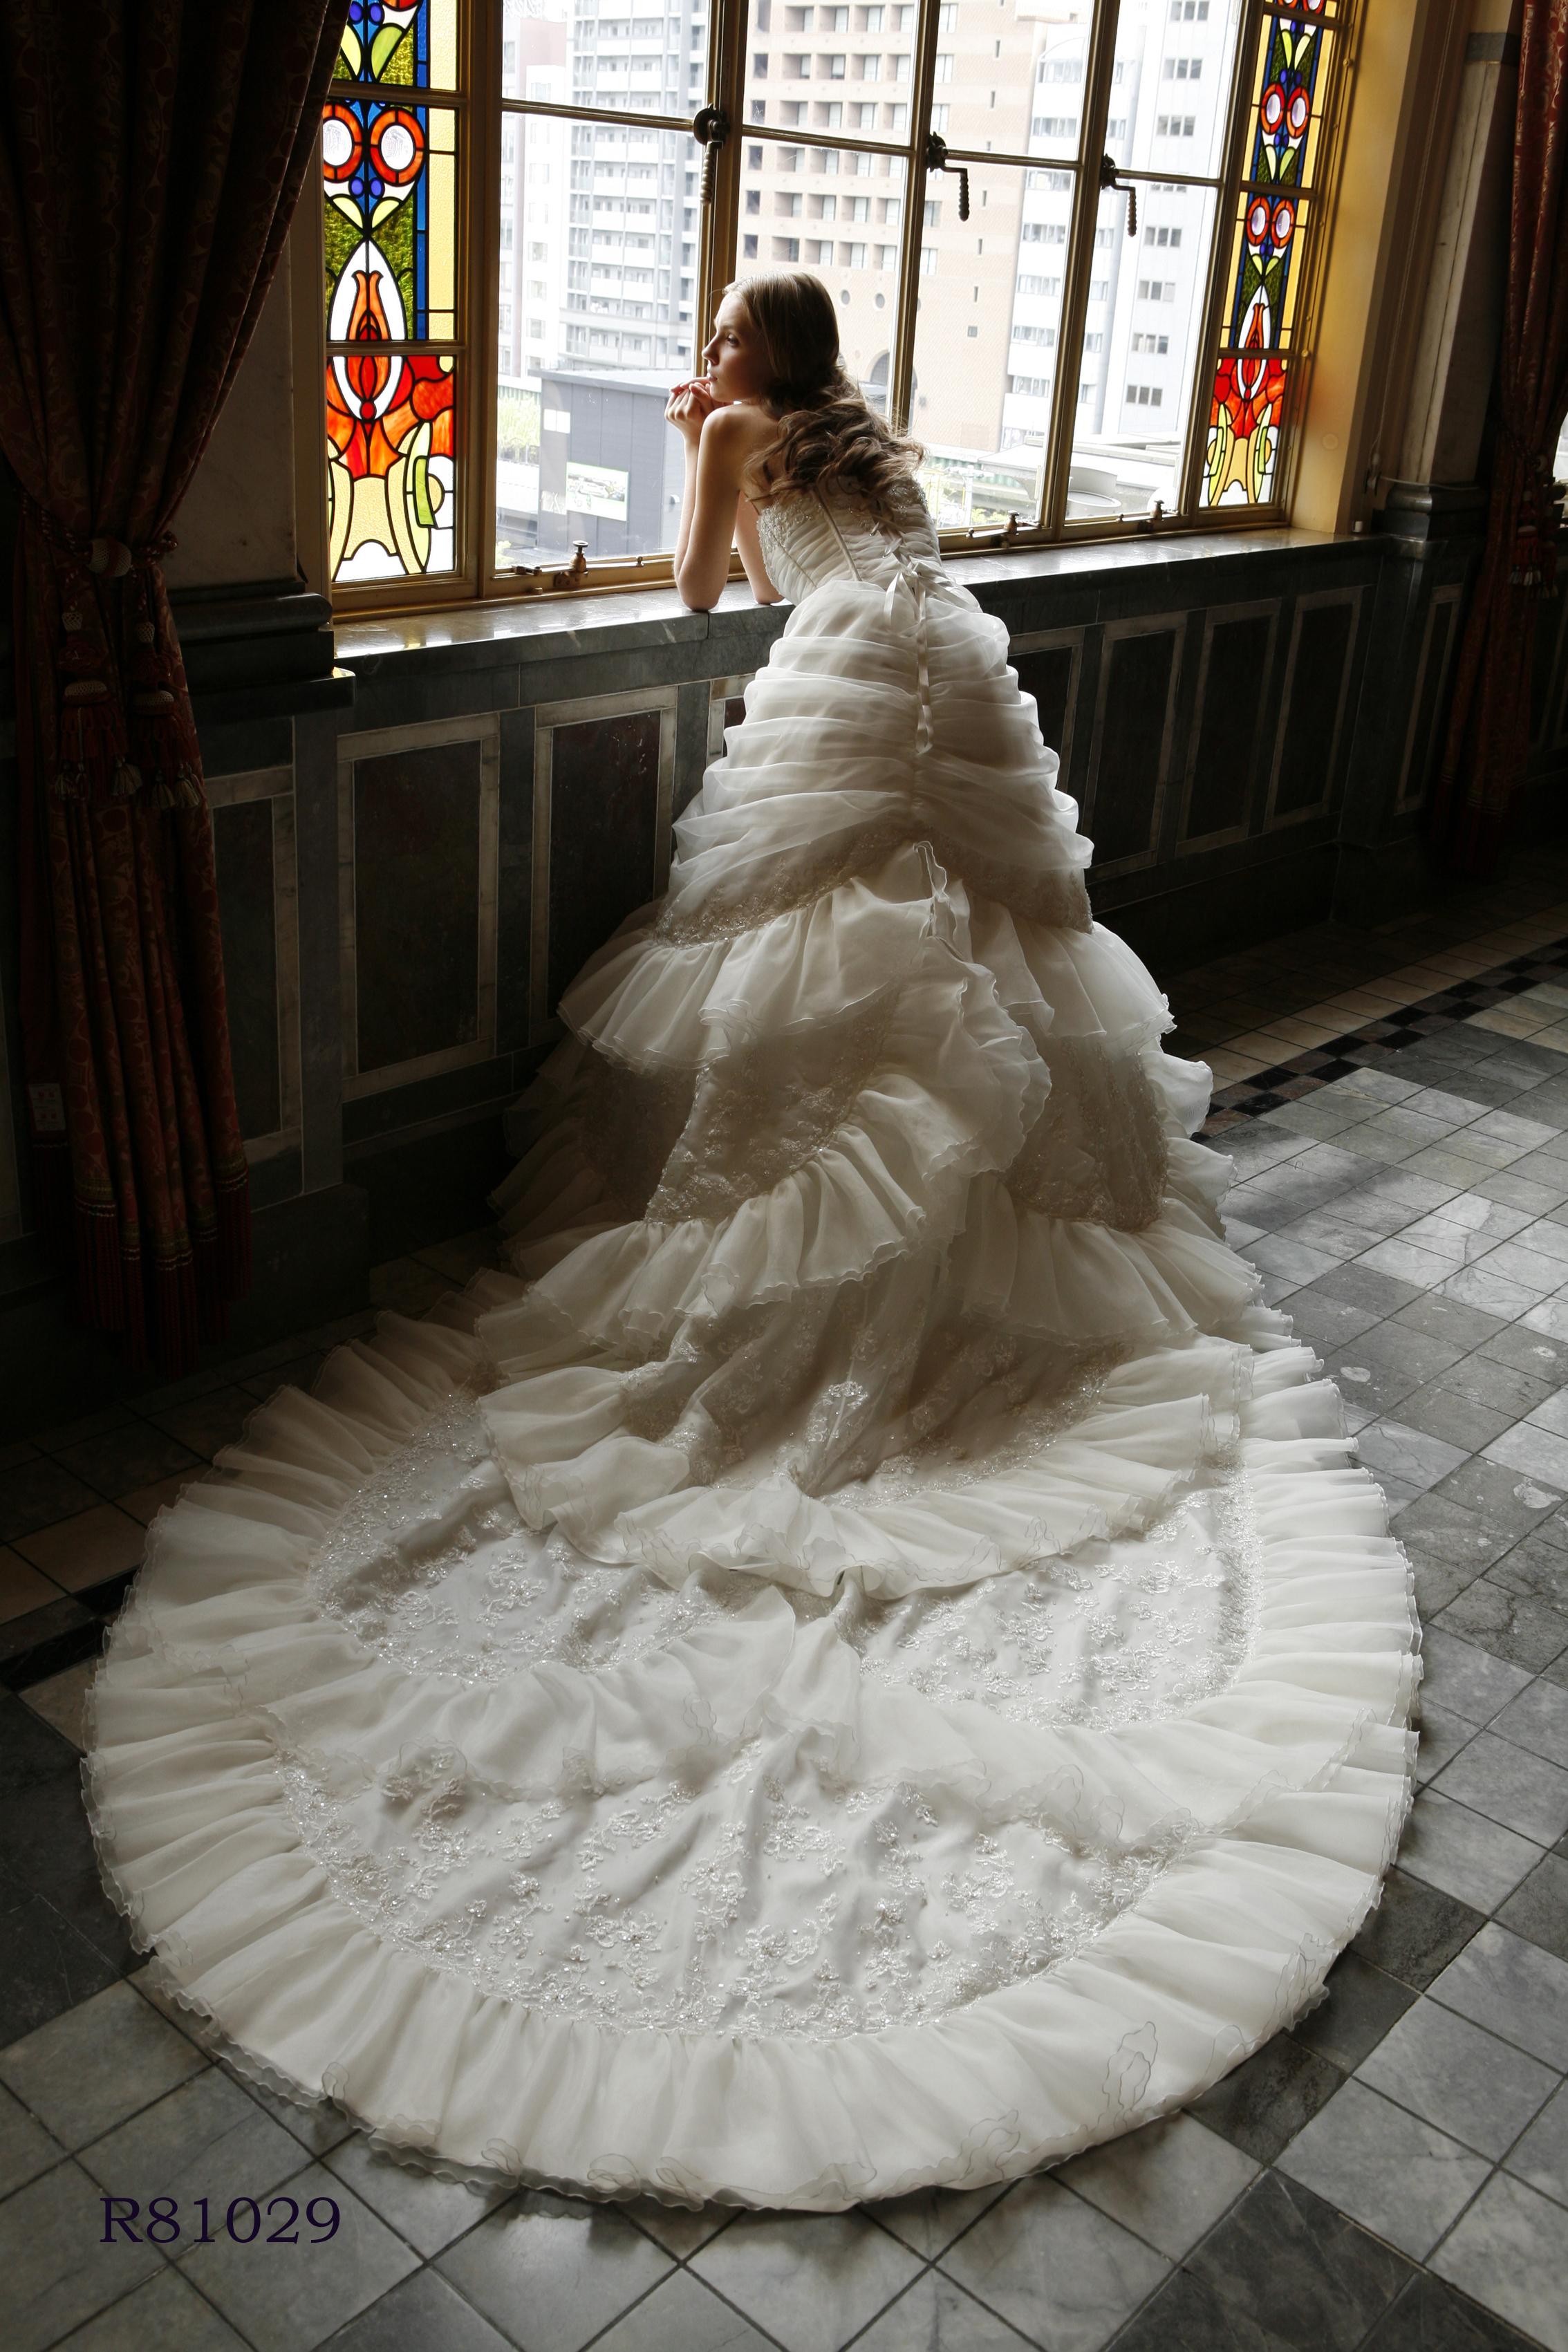 ウェディングドレス(レンタル) イメージ 1